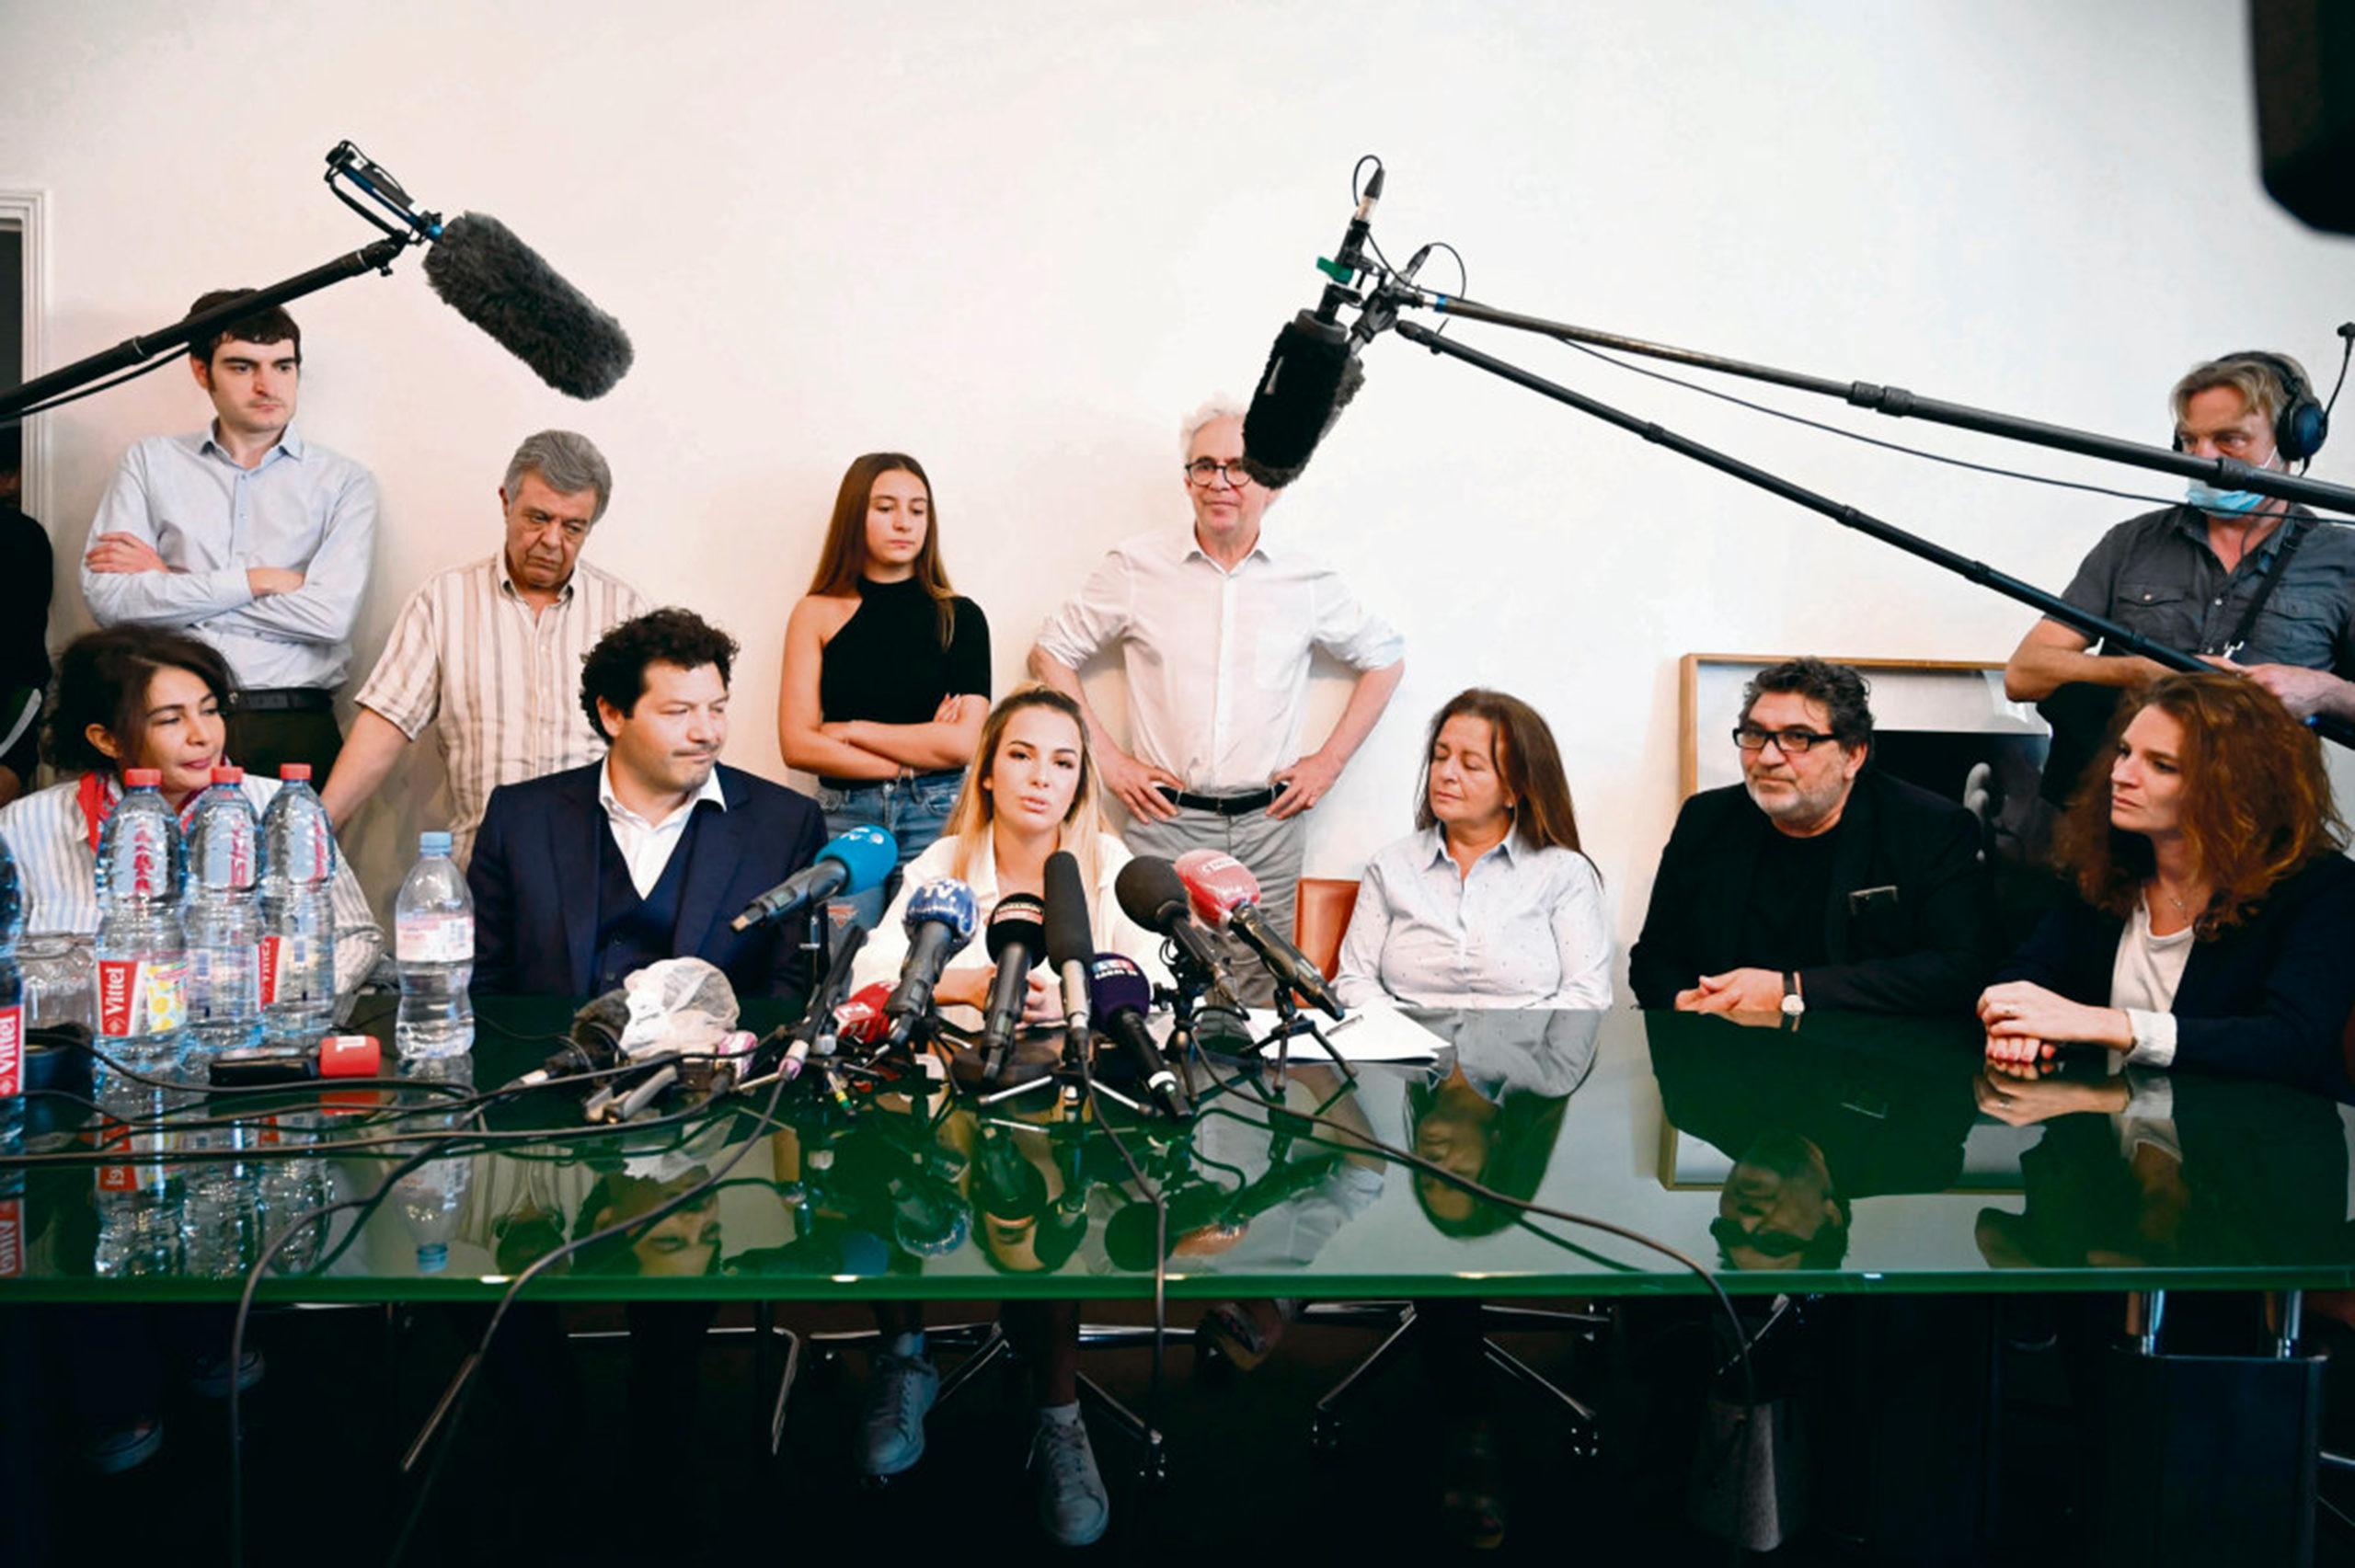 После анализа аудиозаписи из телефона Седрика Шувиа, запечатлевшей его задержание 3 января 2020 года, окончившееся летальным исходом, четверо полицейских были привлечены к ответственности.